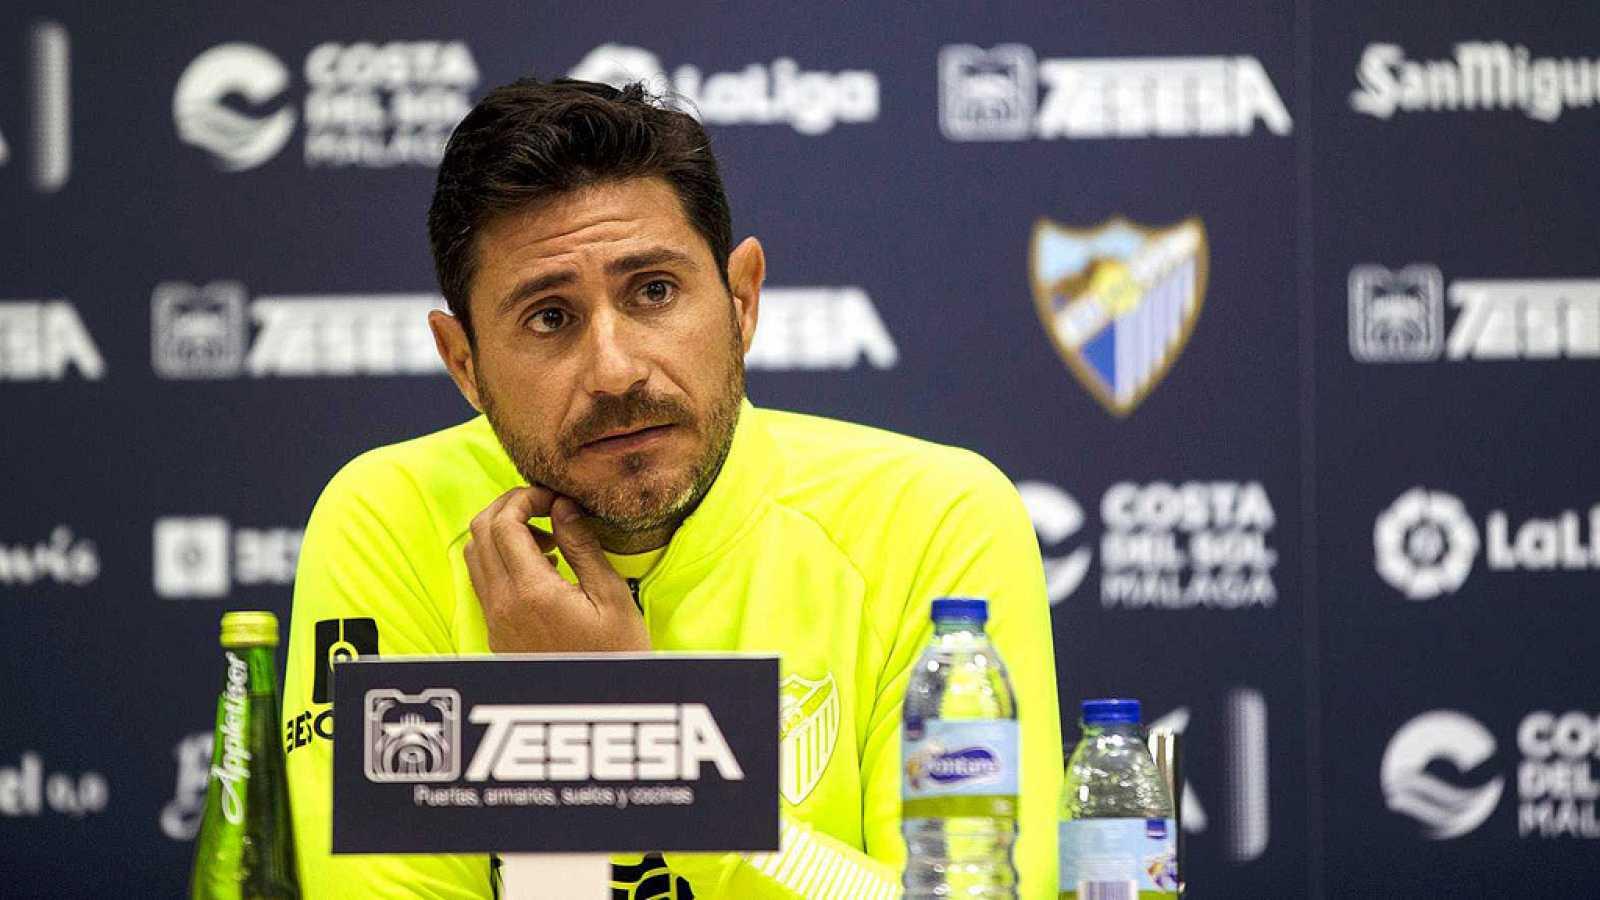 El exentrenador del Málaga CF Víctor Sánchez del Amo